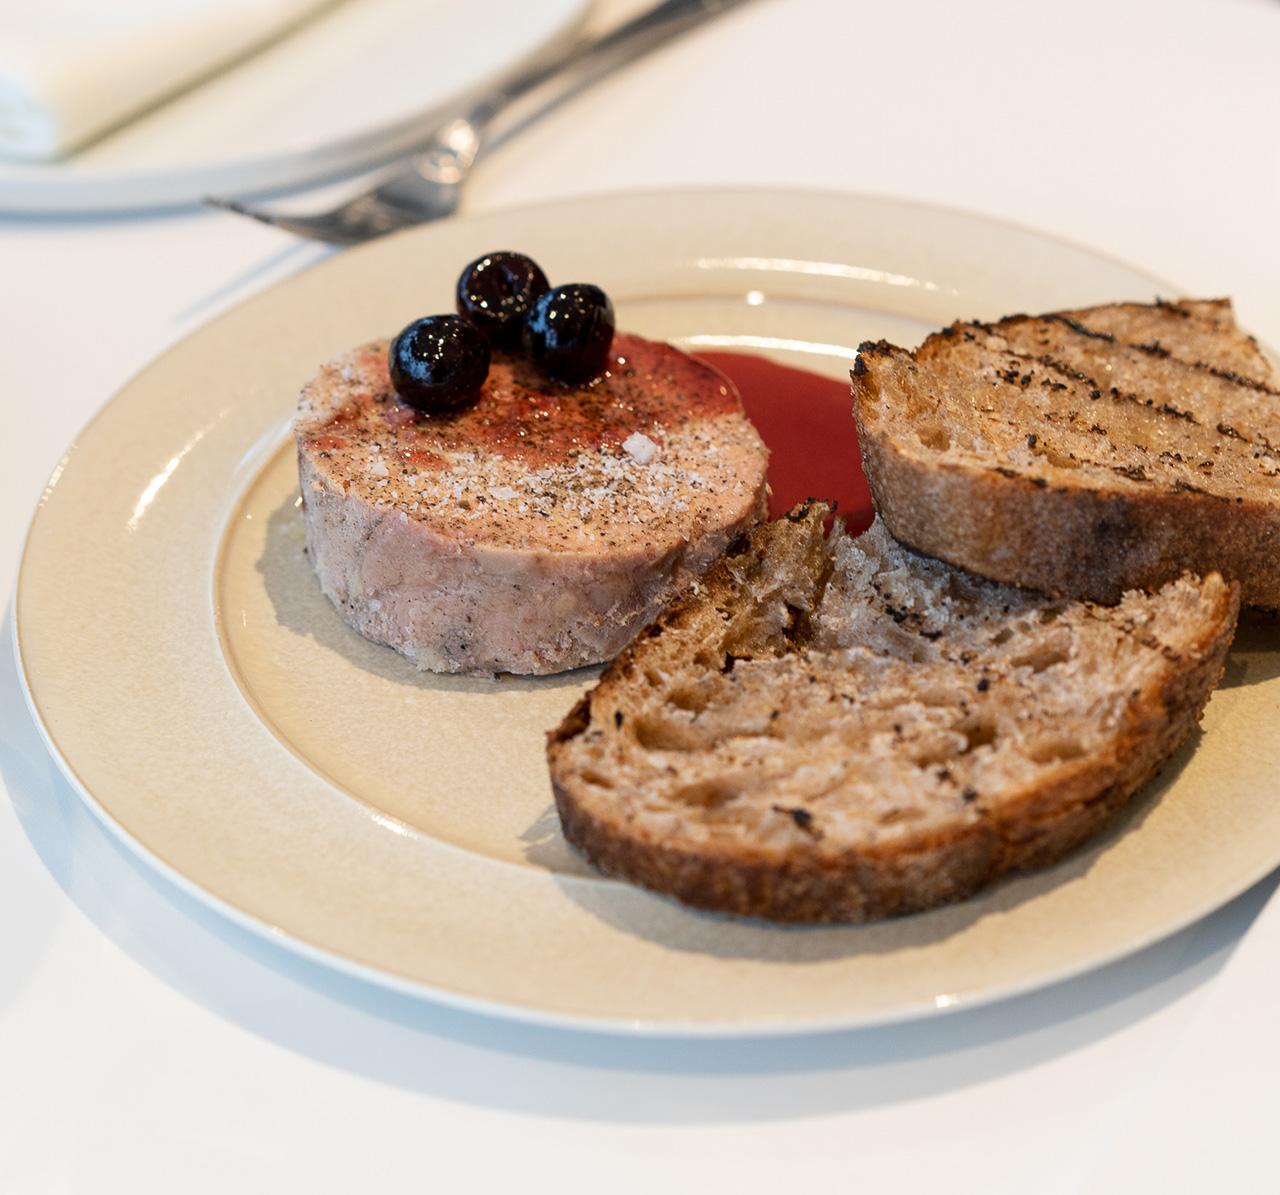 Foie gras torchon, cherry, sourdough.